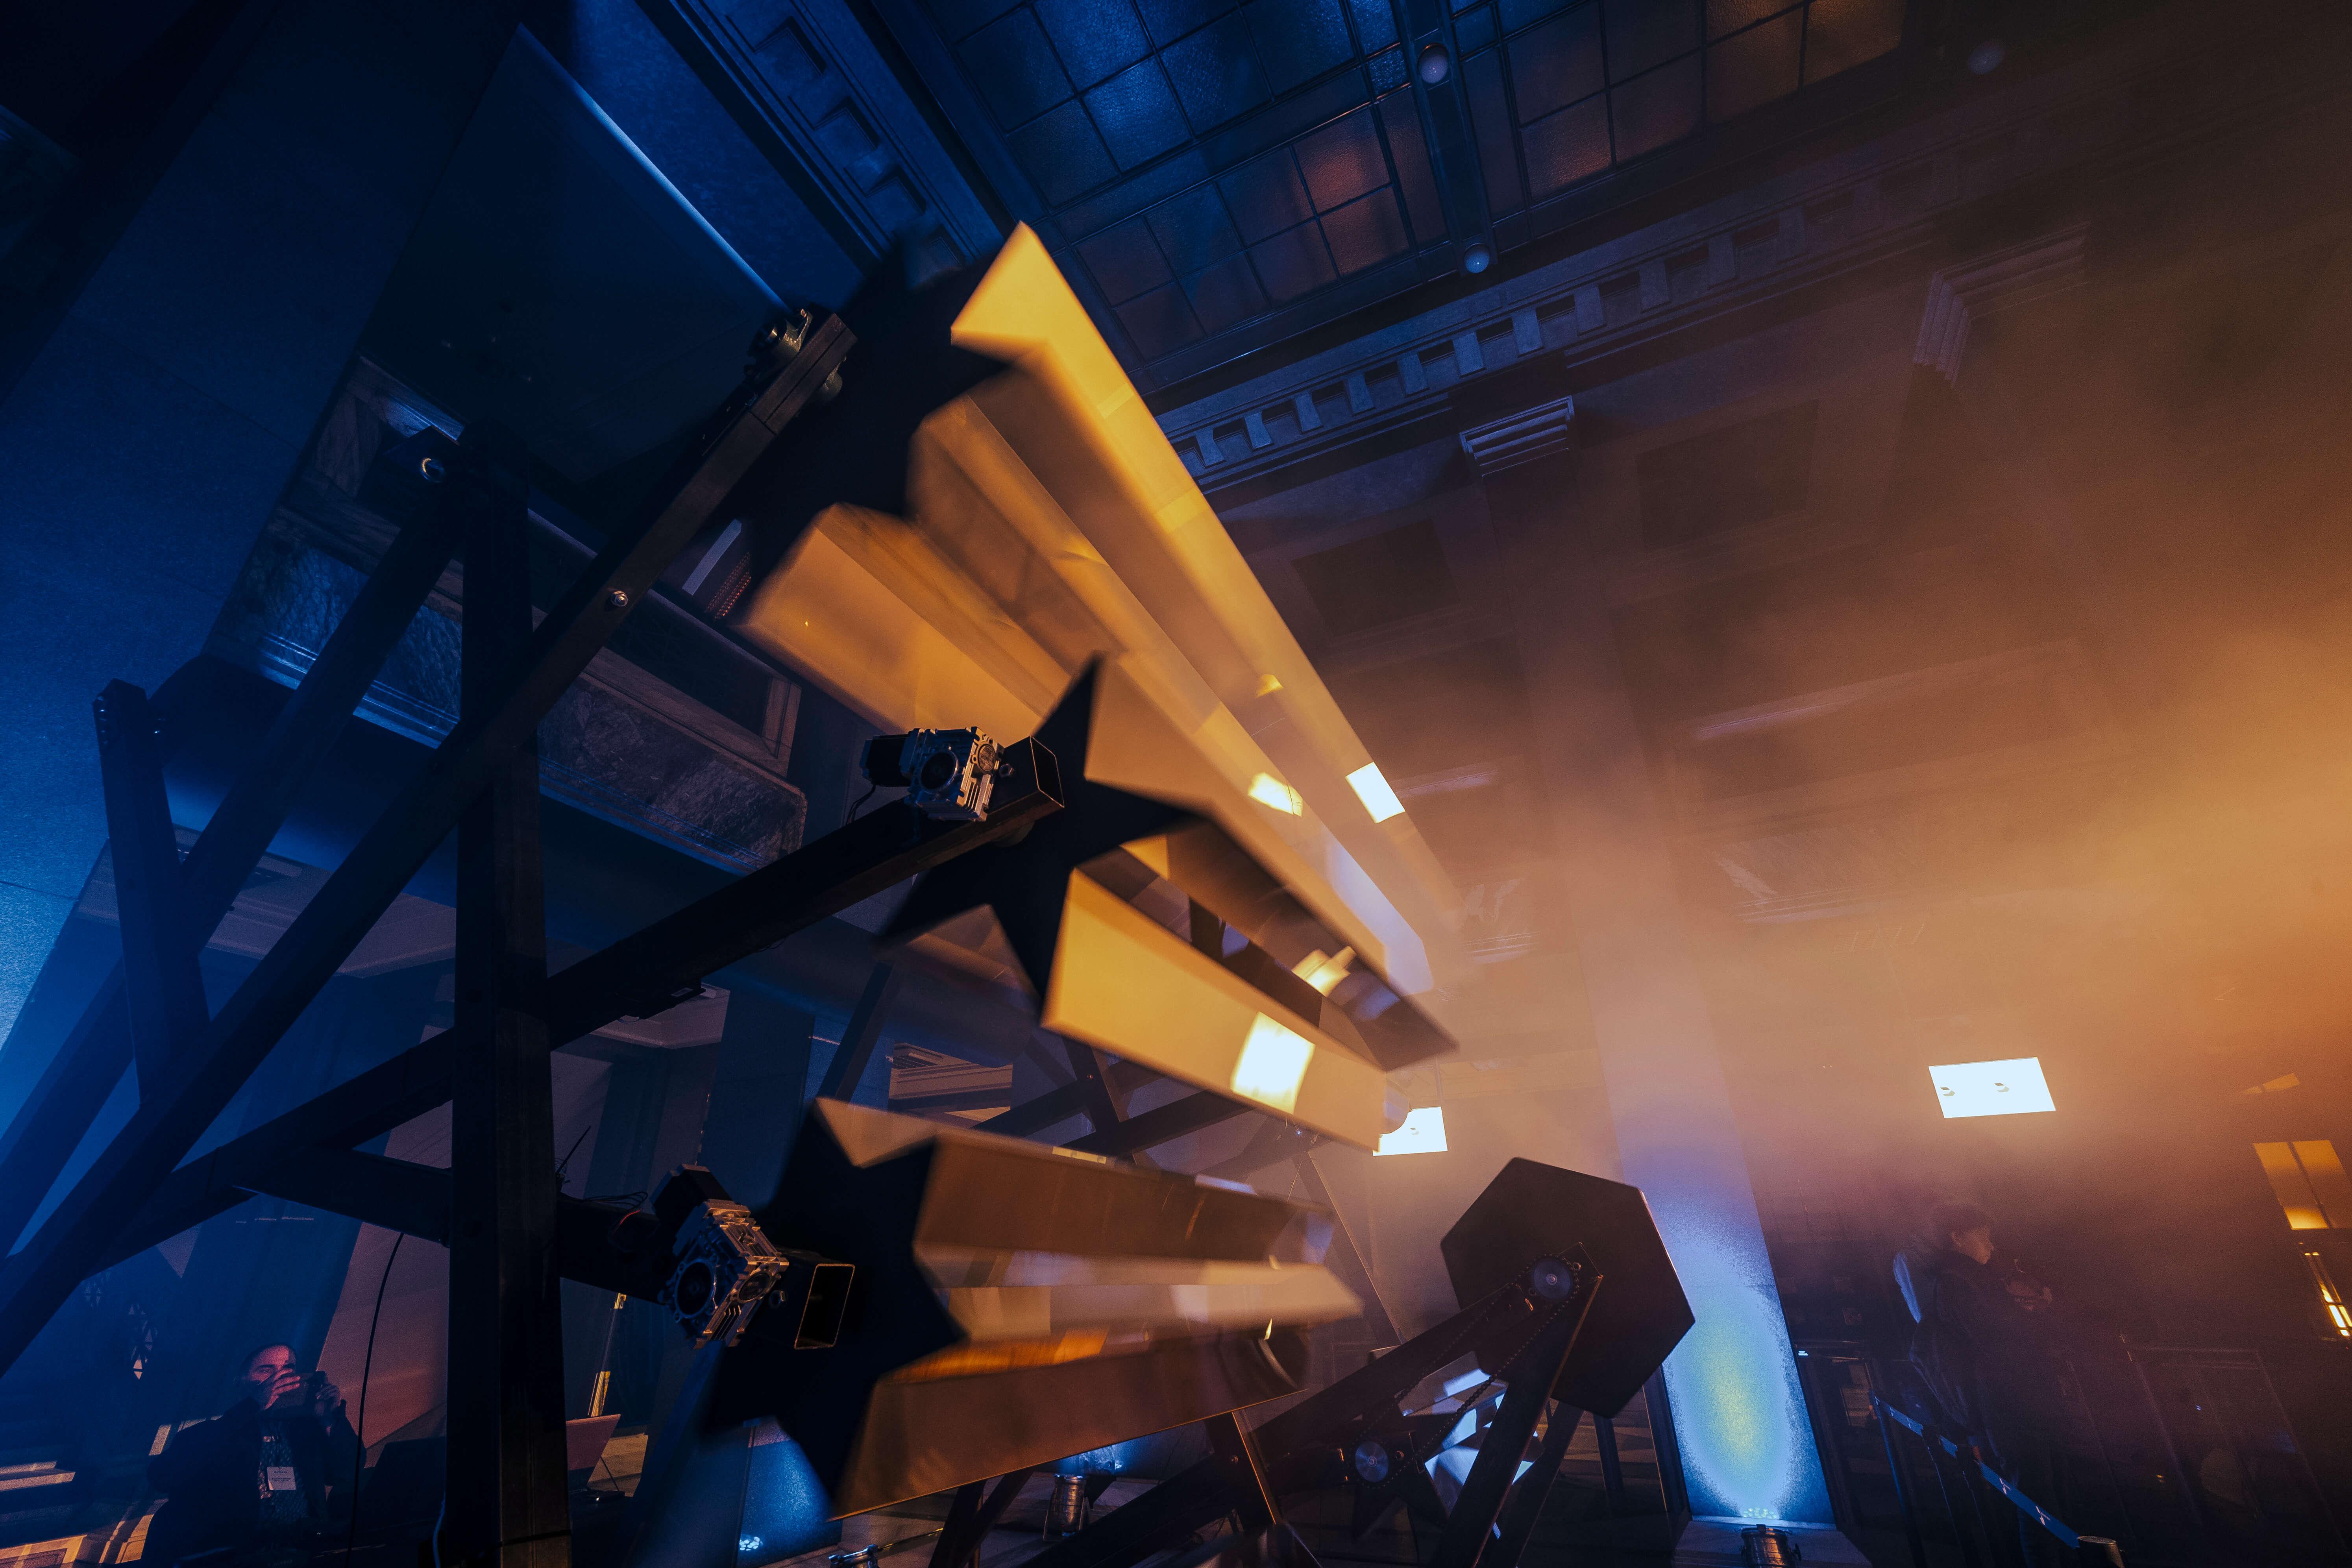 Foto Dobrovodsky Alex Autor Klára Horáčková Ghost In The Machine Ministerstvo Dopravy